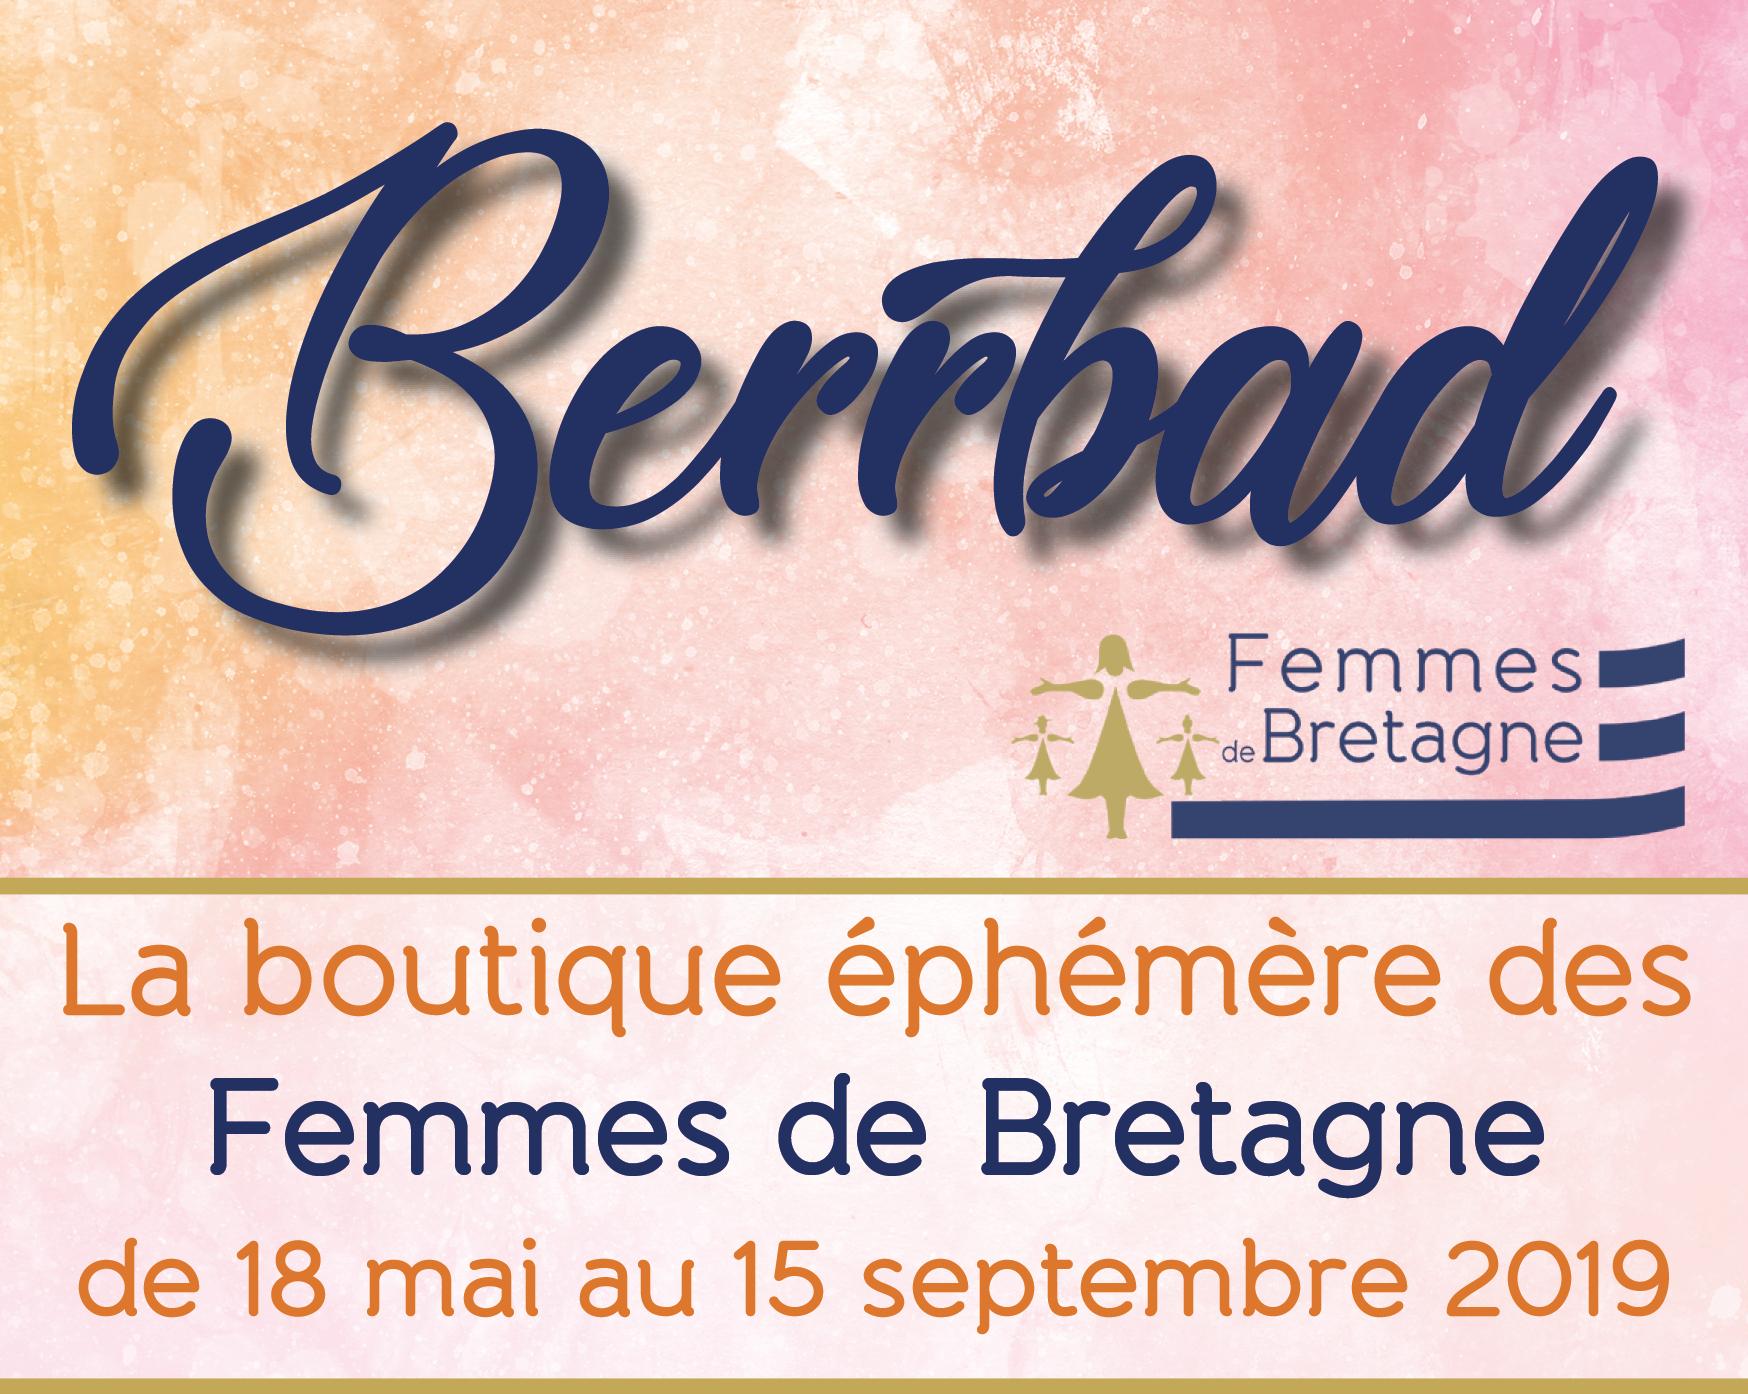 La boutique éphémère Femmes de Bretagne – BERRBAD – 18/05 au 15/09/2019